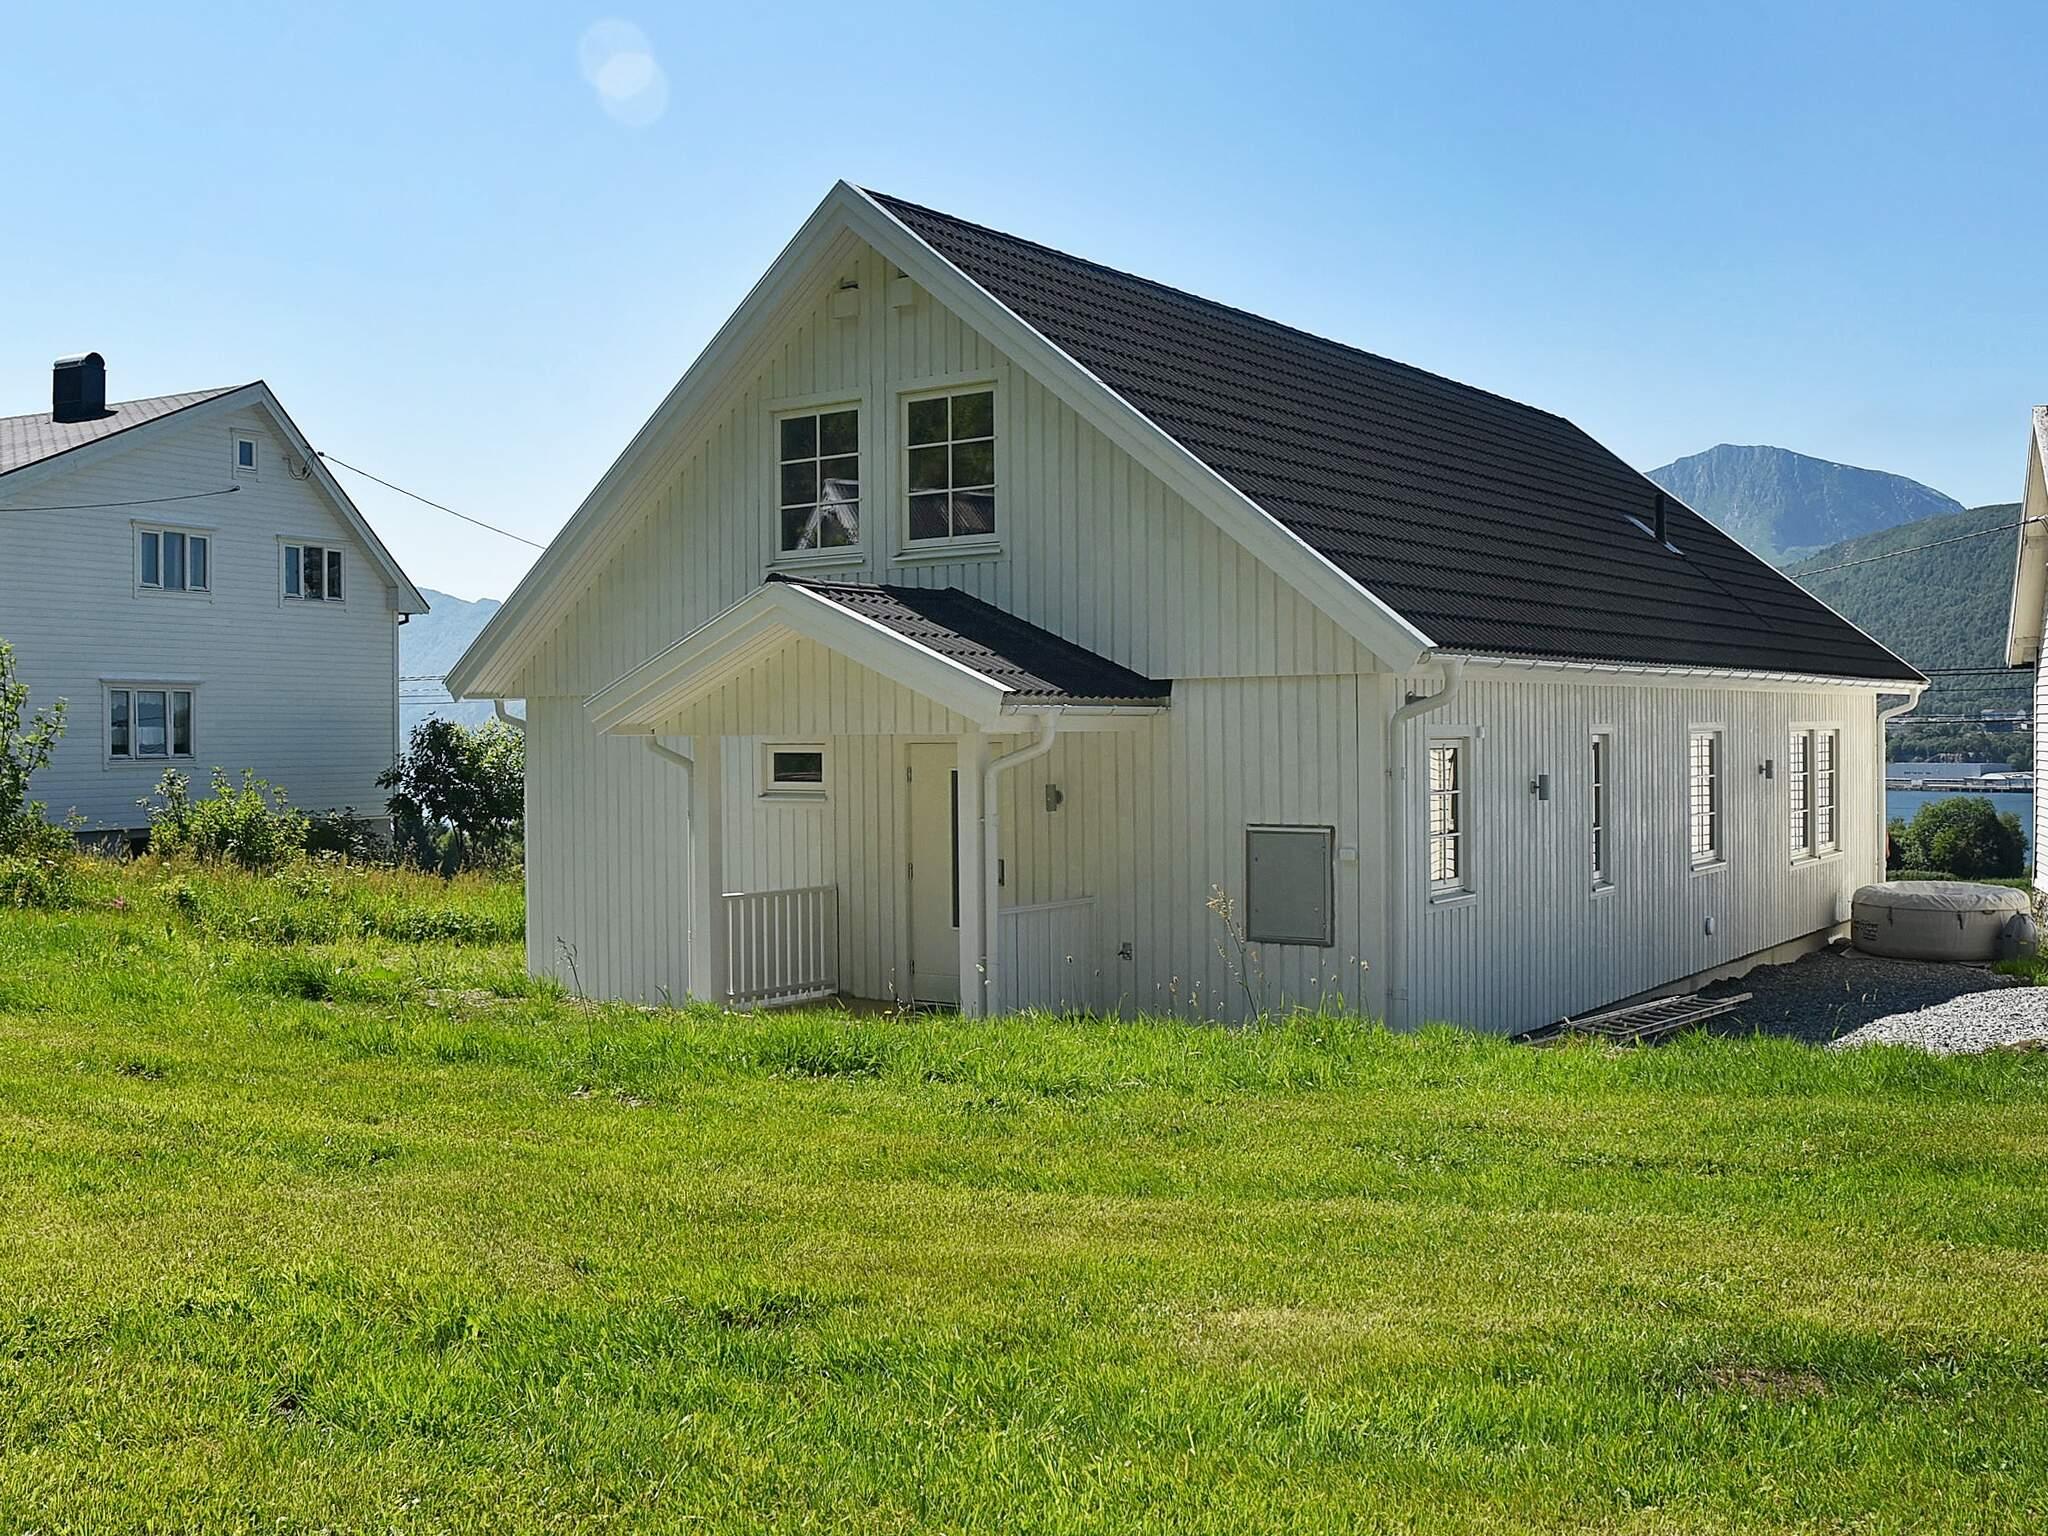 Ferienhaus Helland (2784999), Helland, More - Romsdal, Westnorwegen, Norwegen, Bild 21